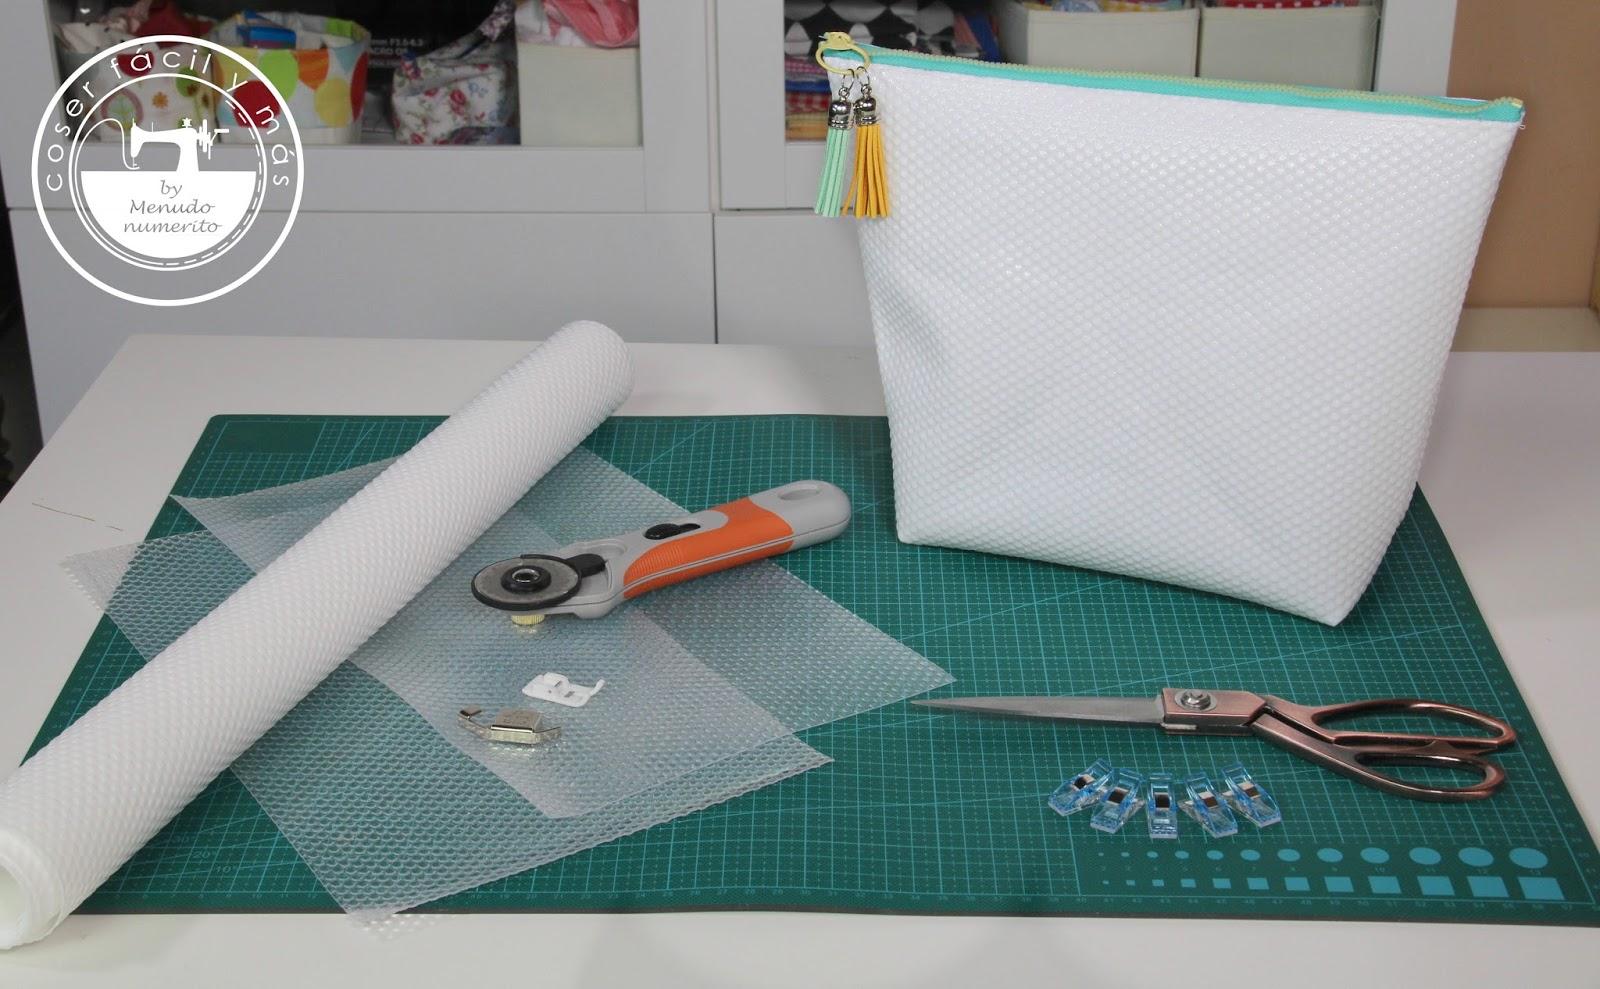 El blog de coser f cil y m s by menudo numerito - Rollo plastico transparente ikea ...